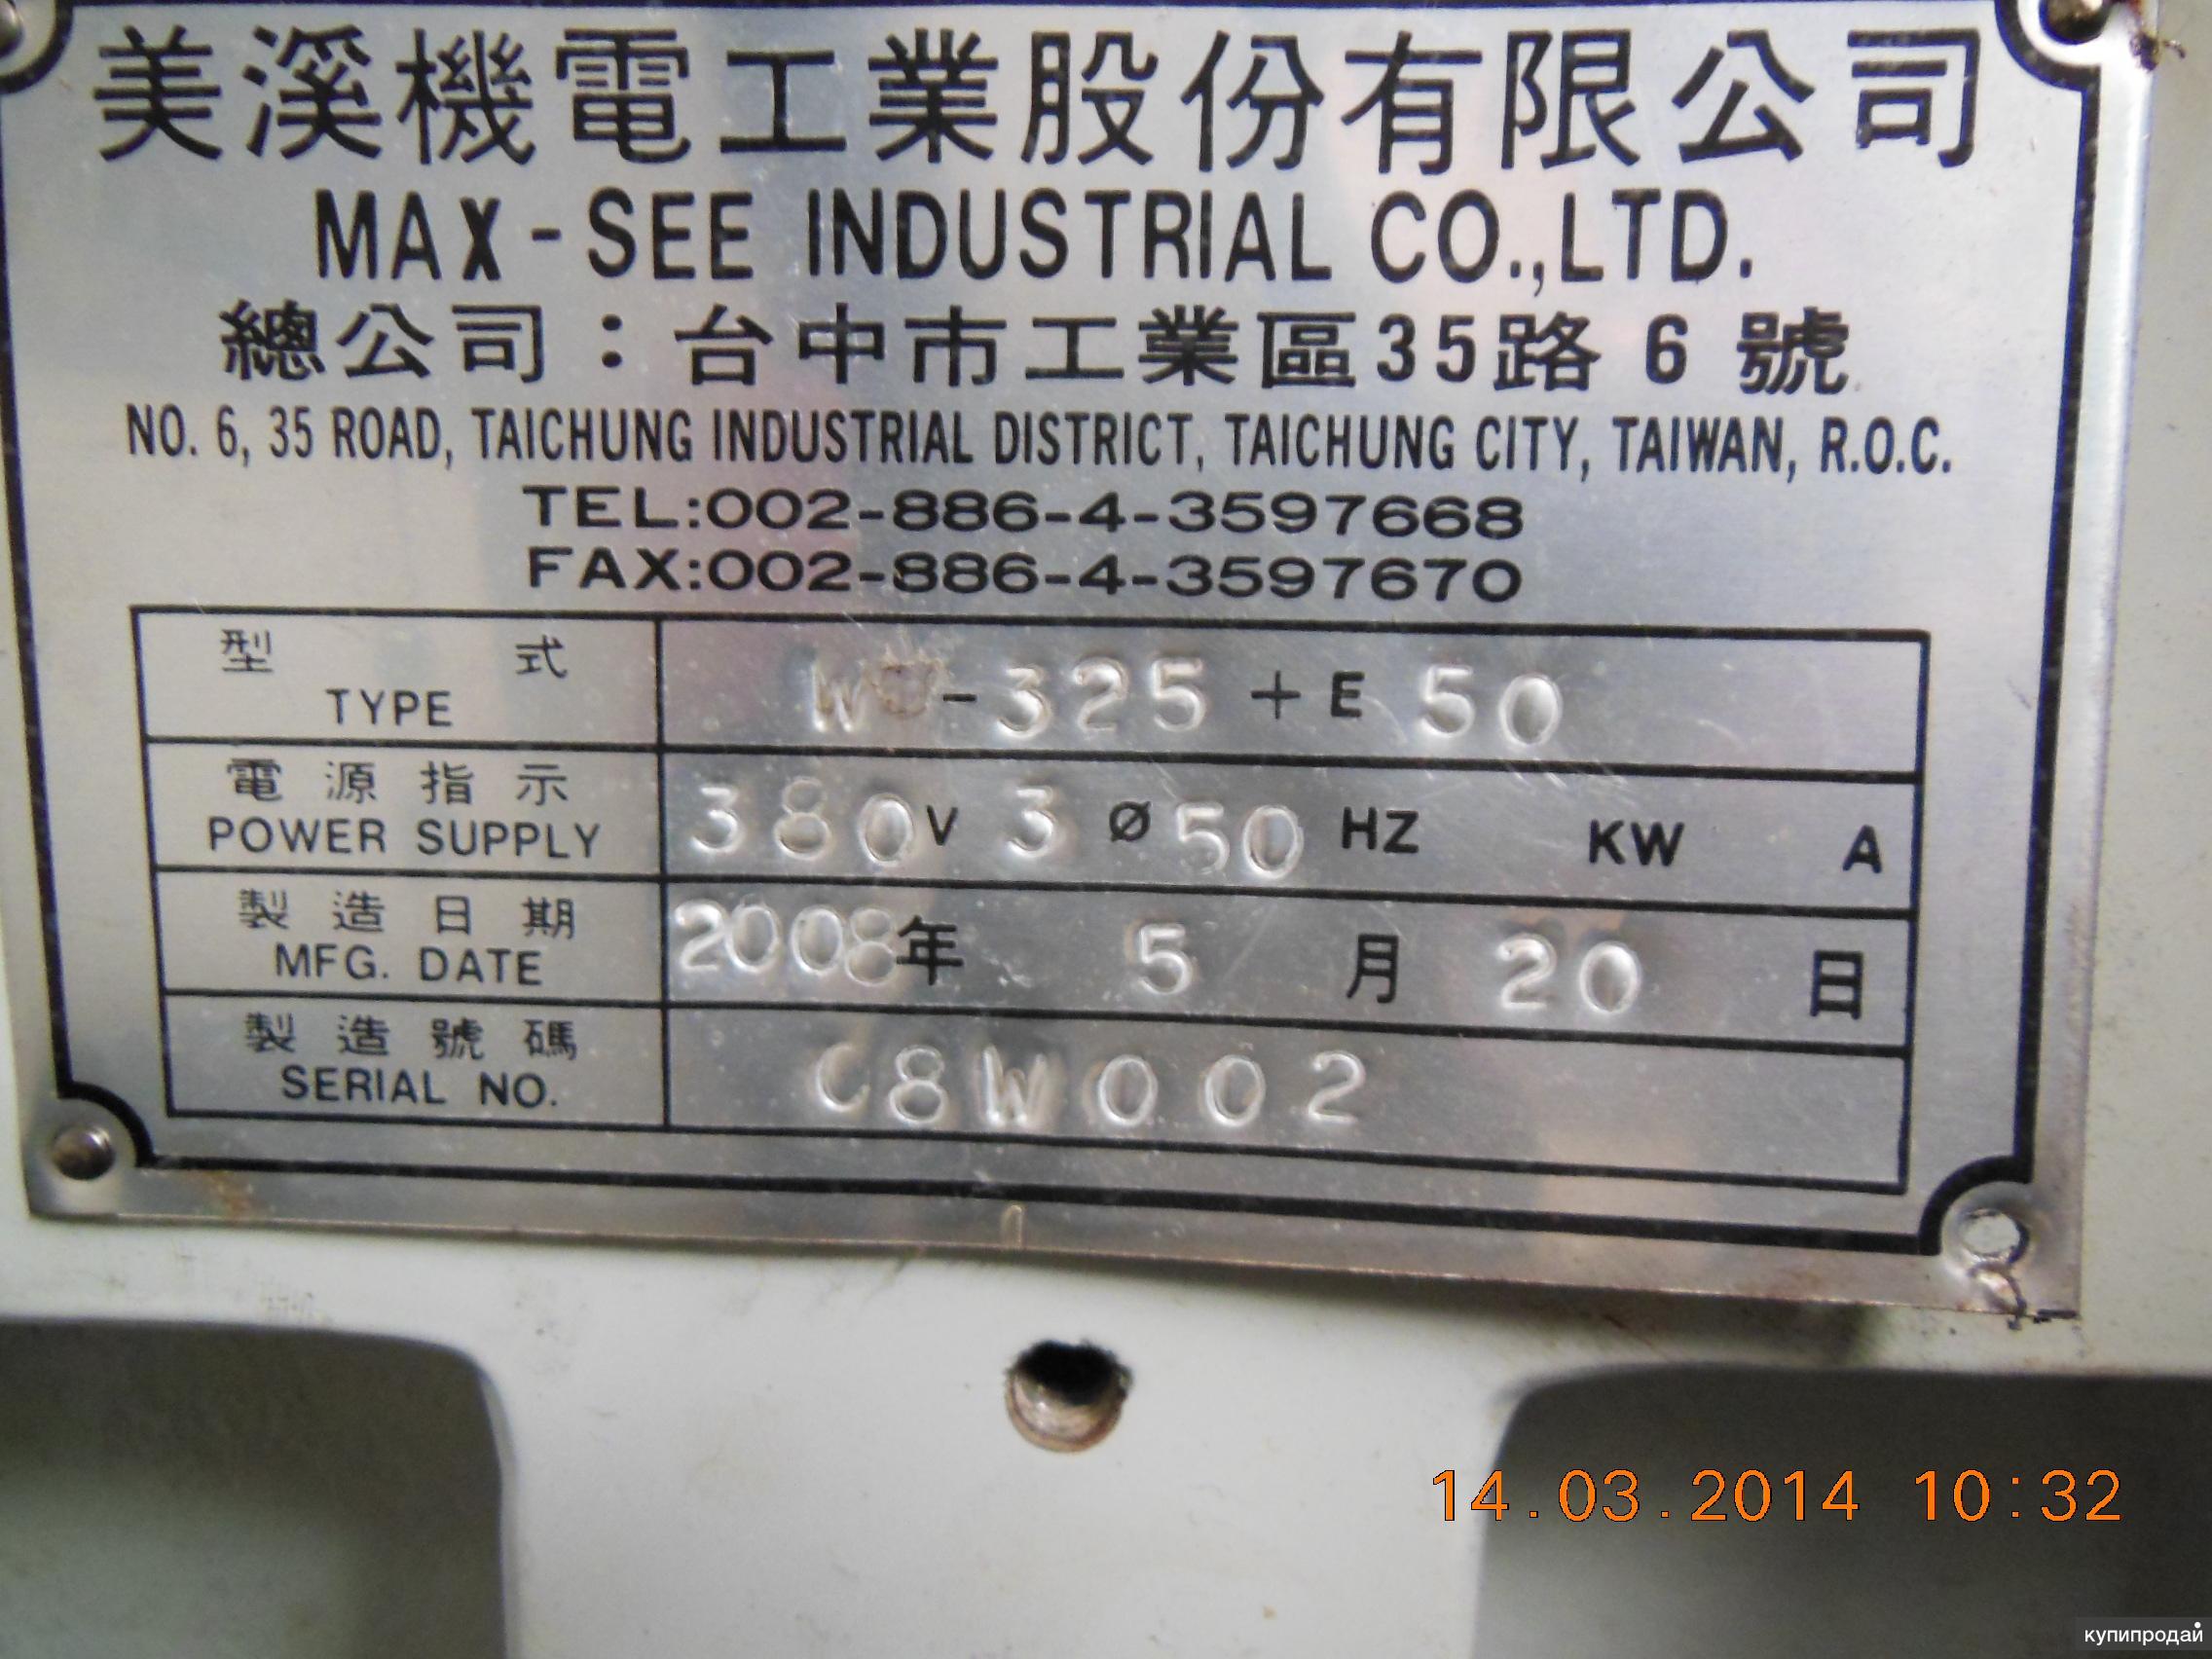 станок э/э проволочно-вырезной W-325